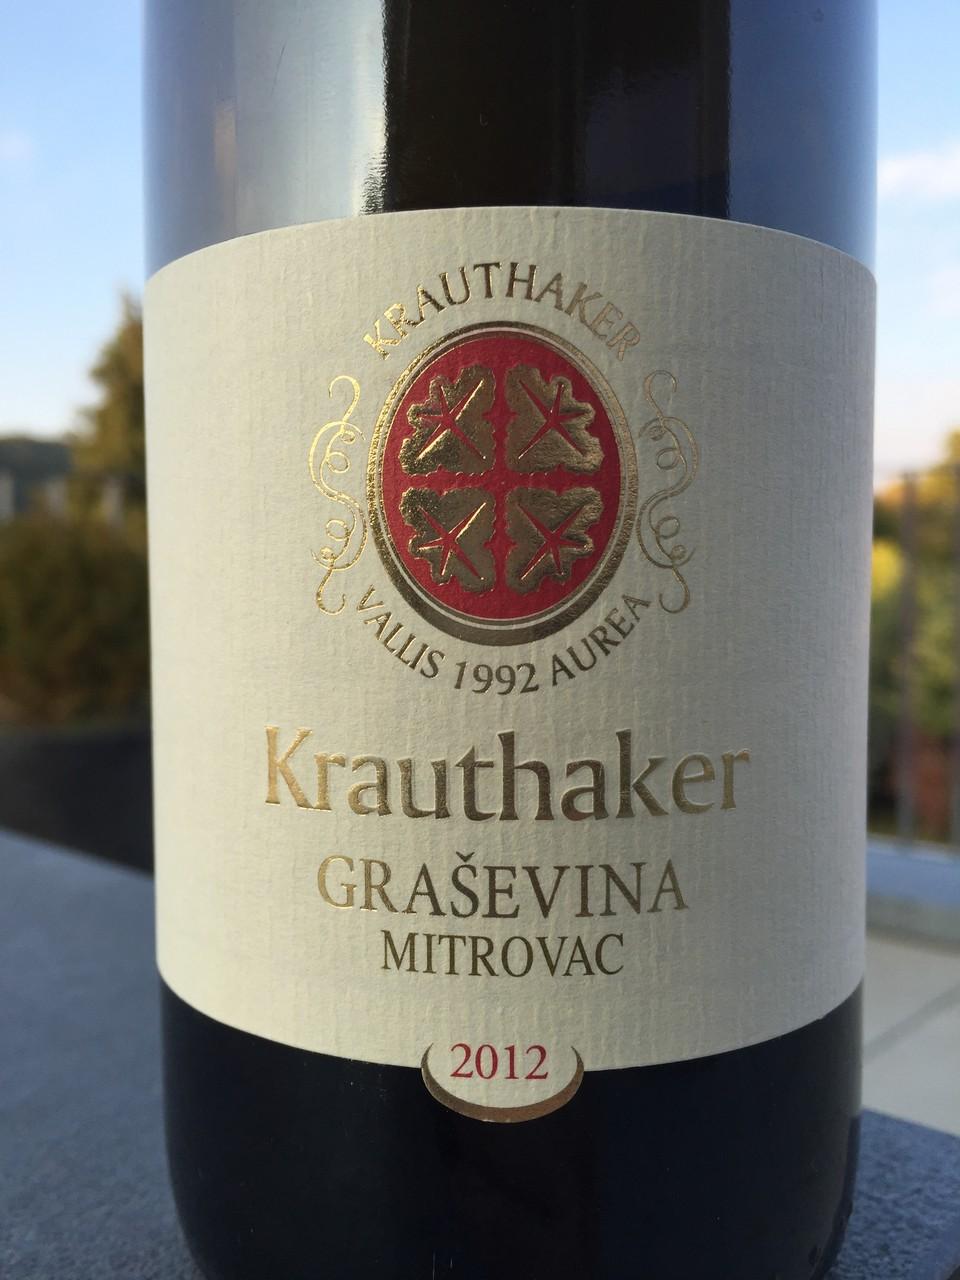 Grasevina, Krauthaker, 2012